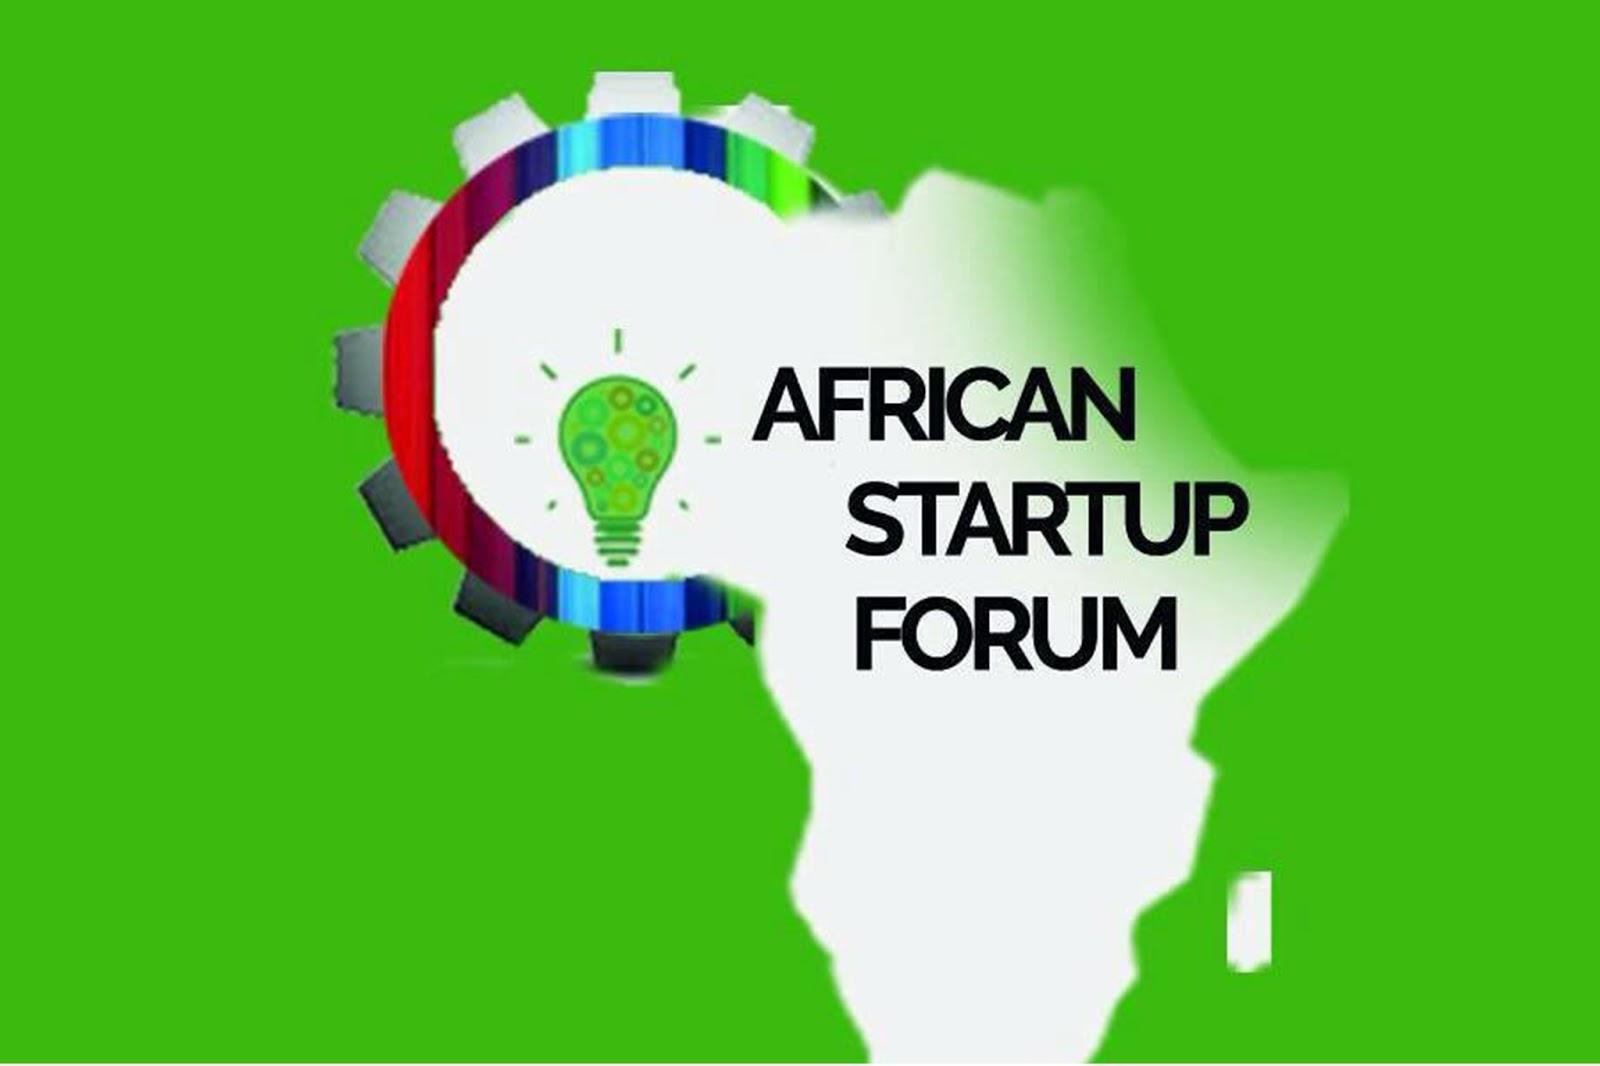 La 3ème édition African Start-up Forum s'ouvre à Abidjan du 13 au 17 novembre 2018